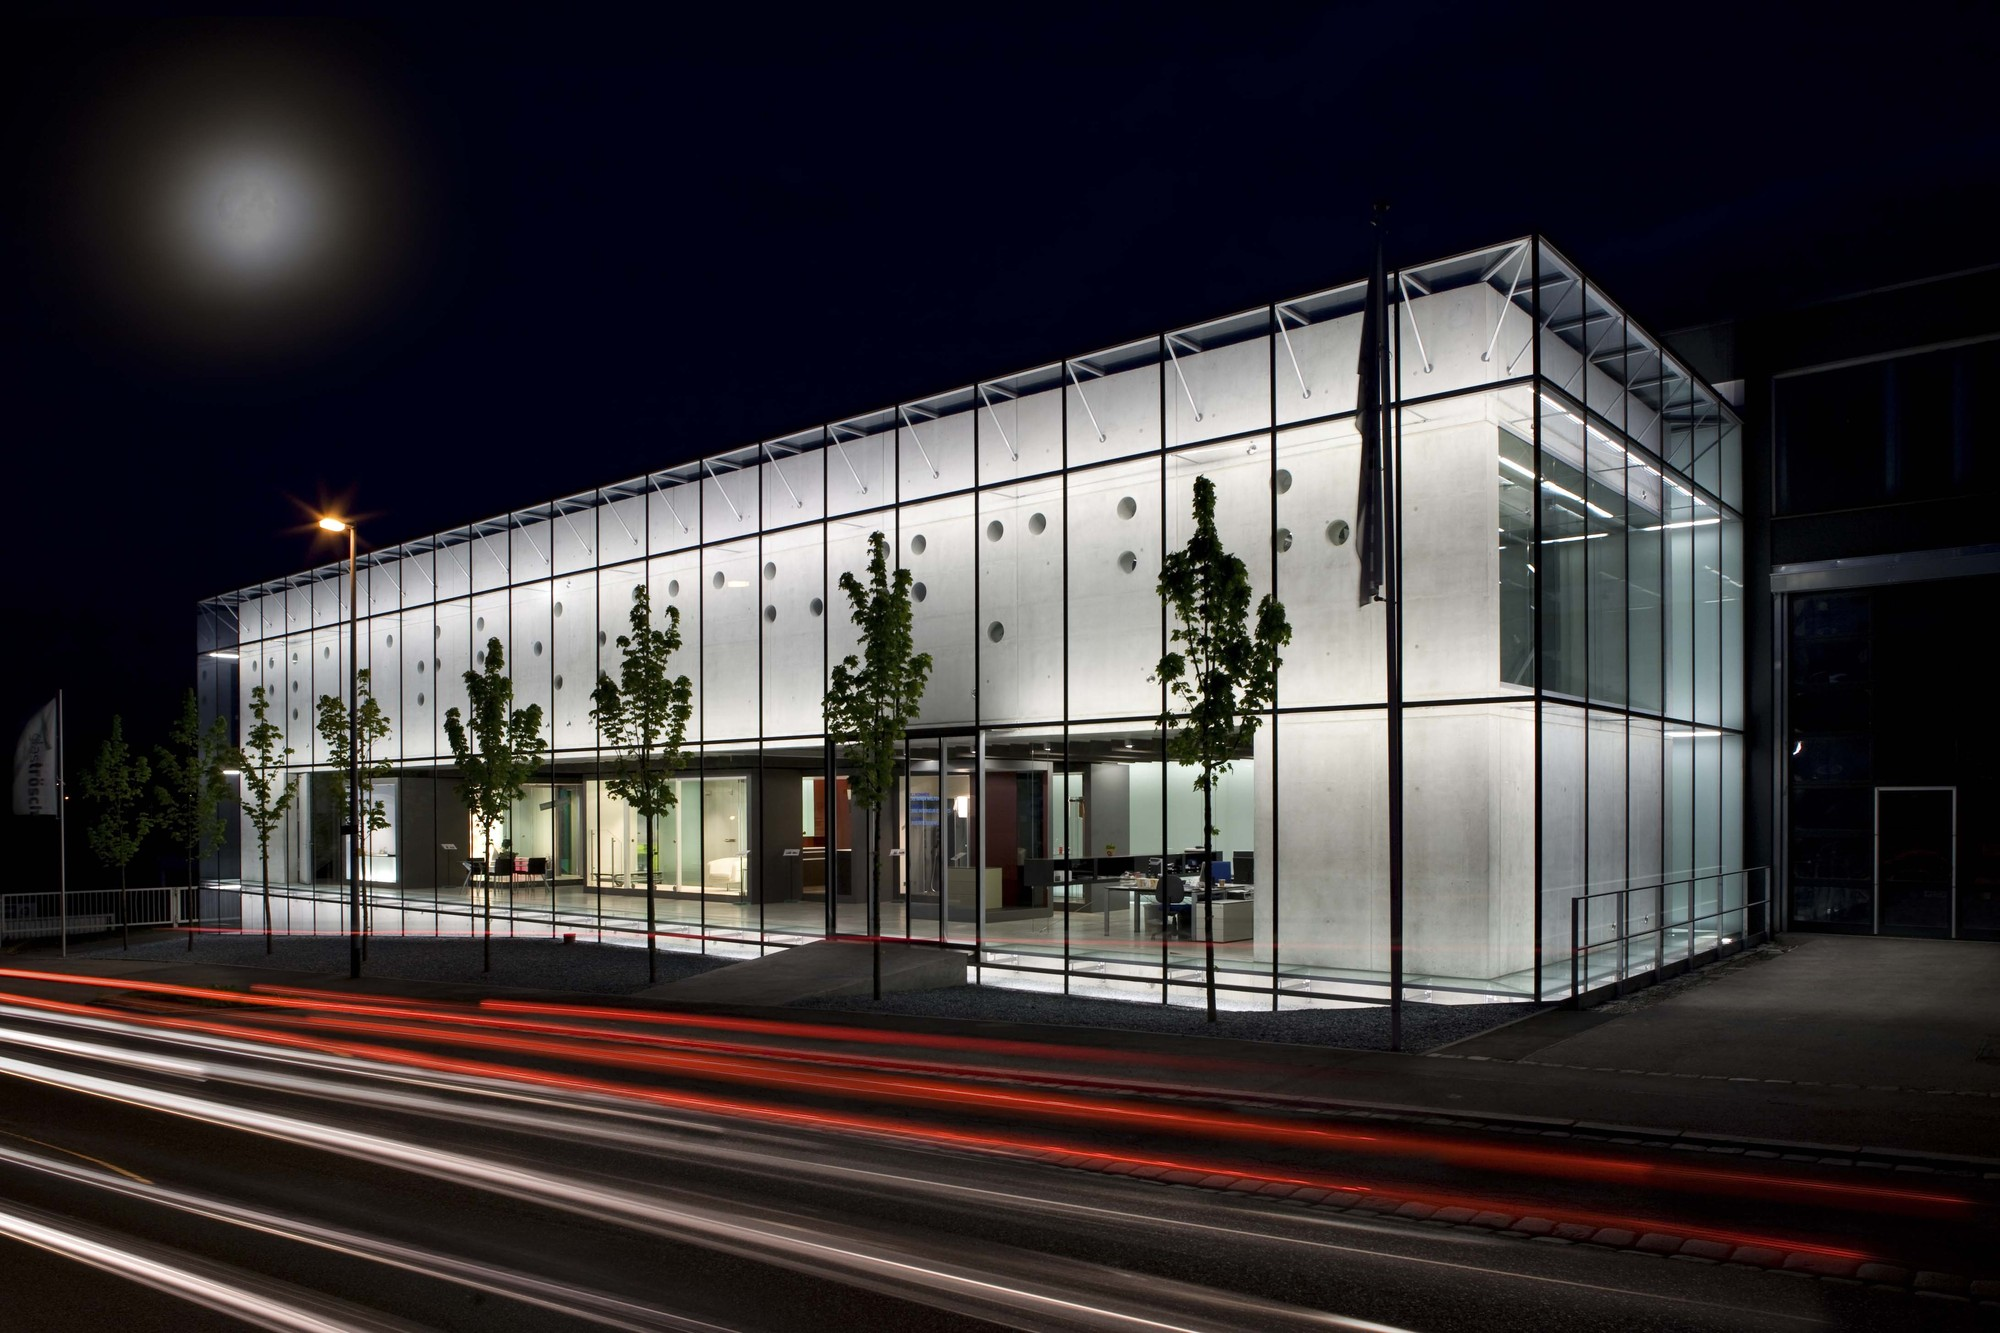 Competence Centre Glastroesch / becker architekten, Courtesy of becker architekten